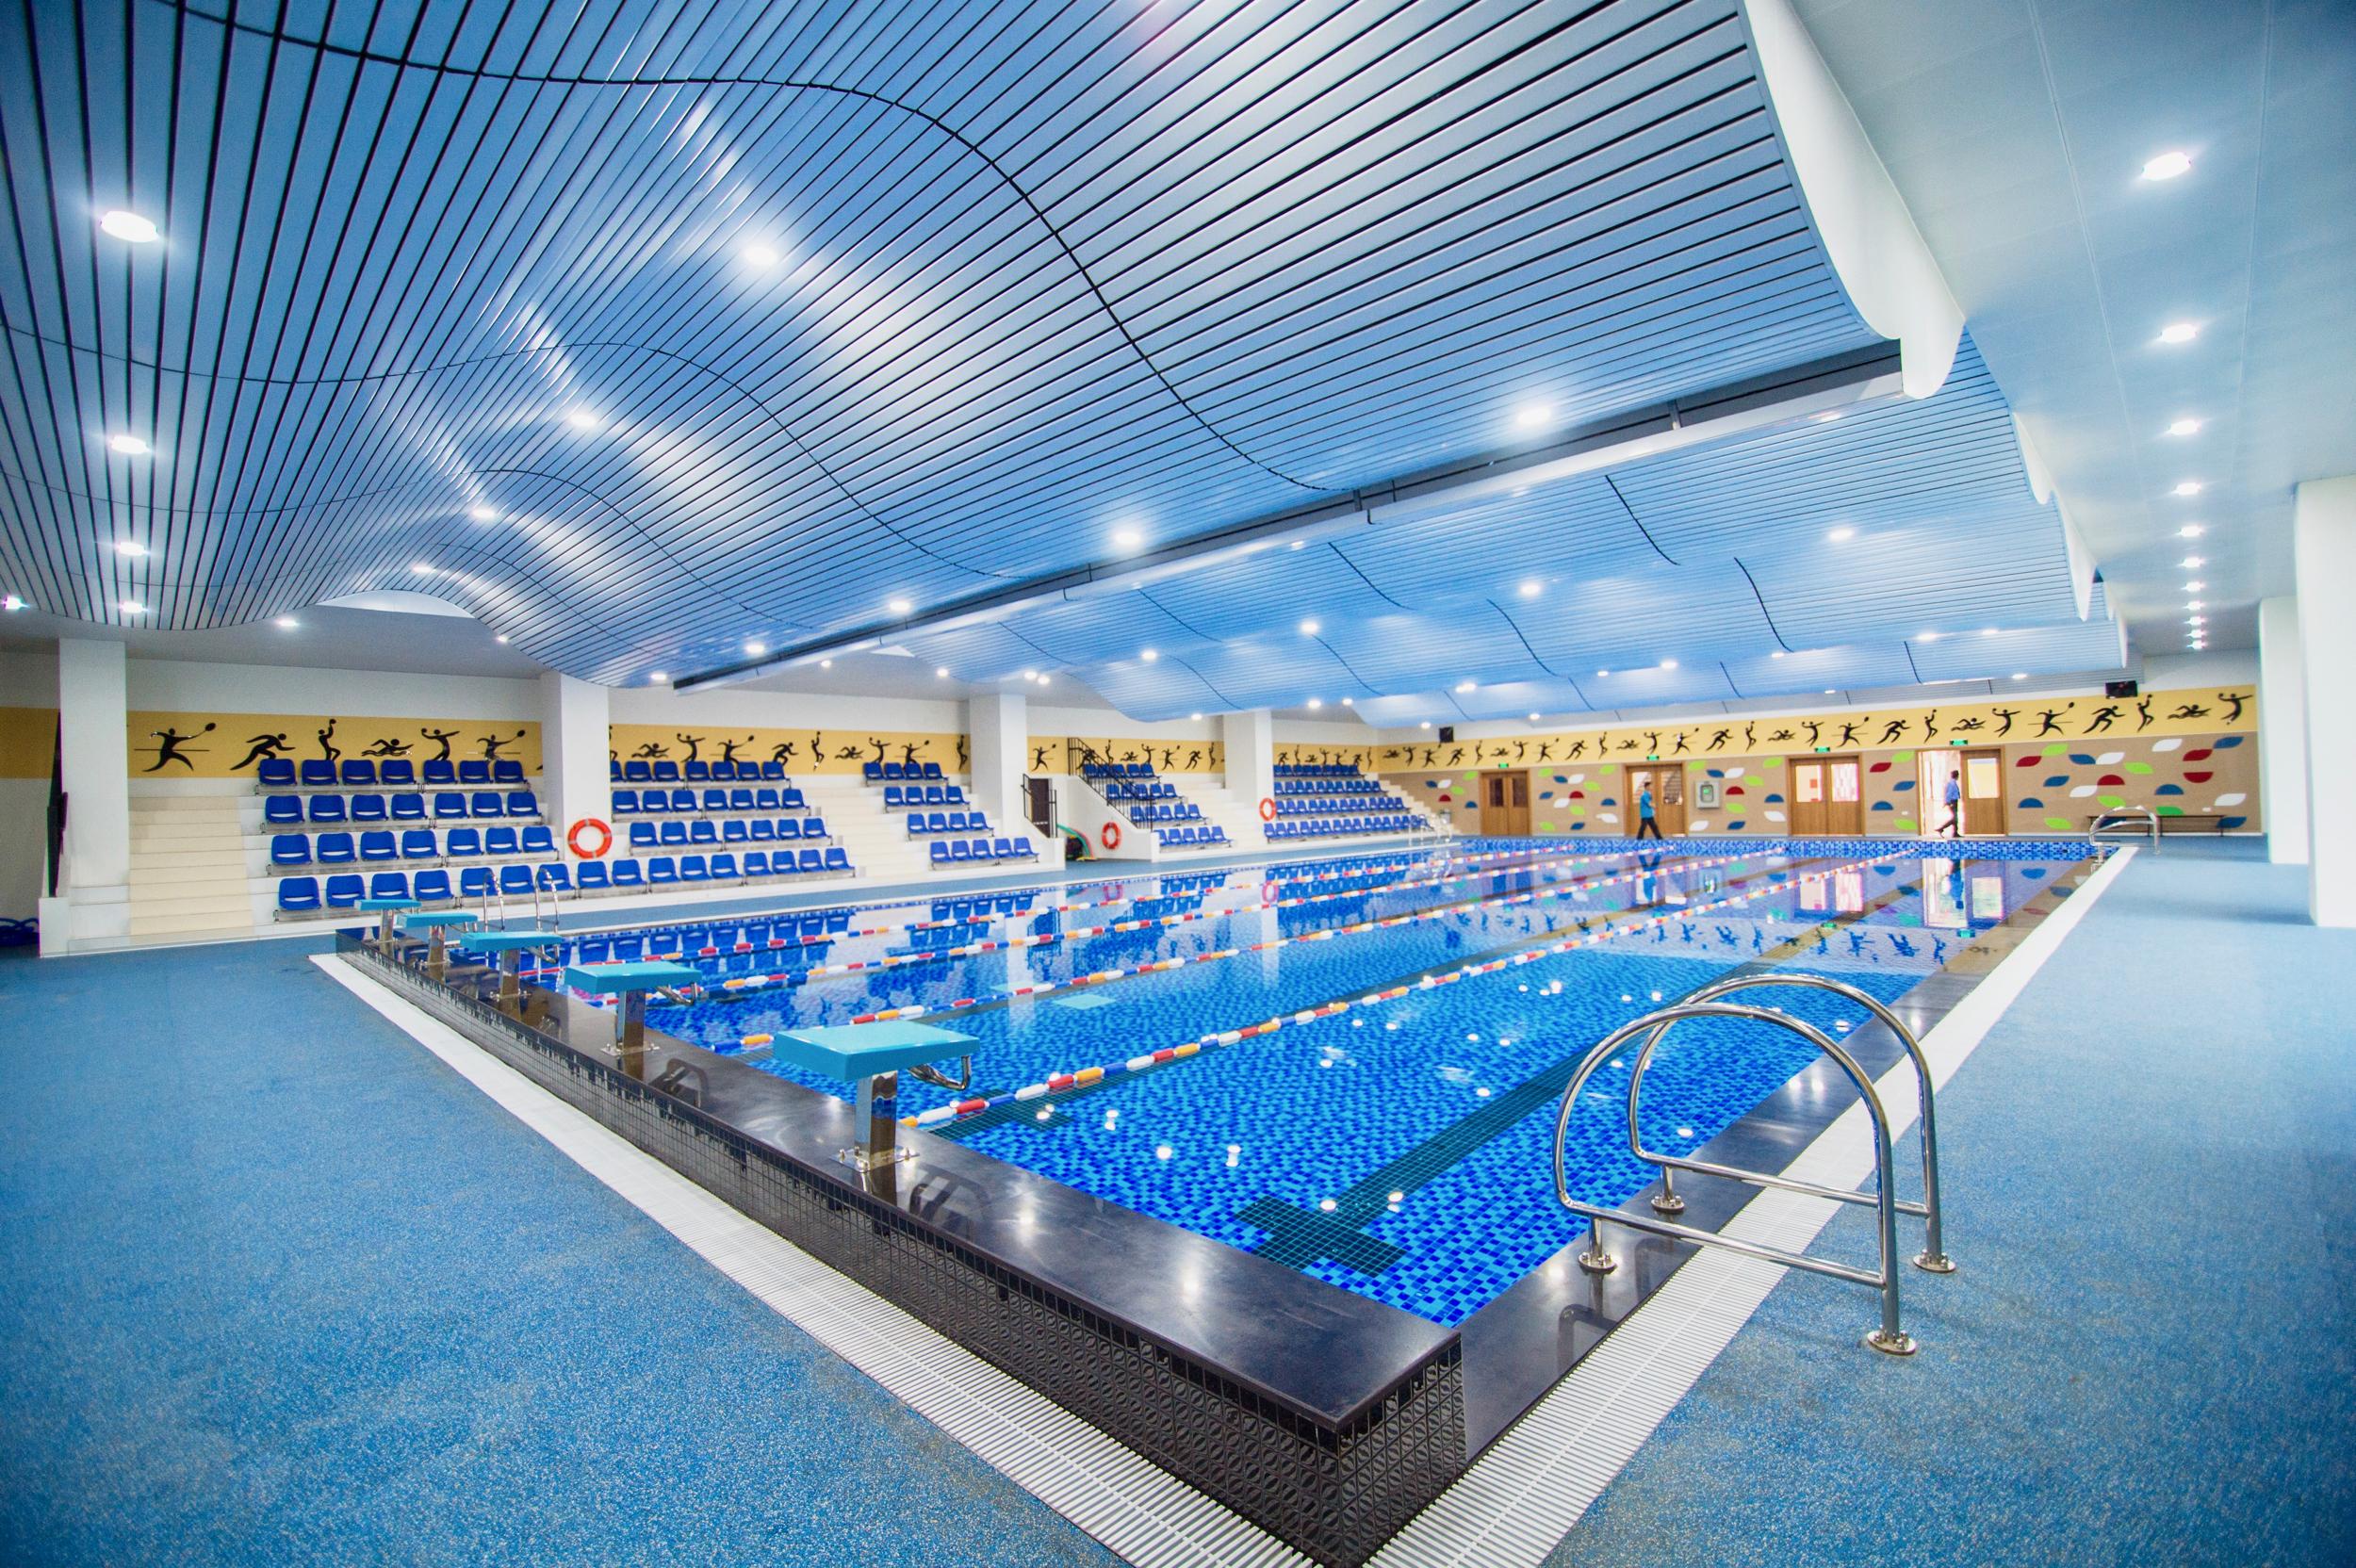 Hoa Lac Aquatic Centre.jpg